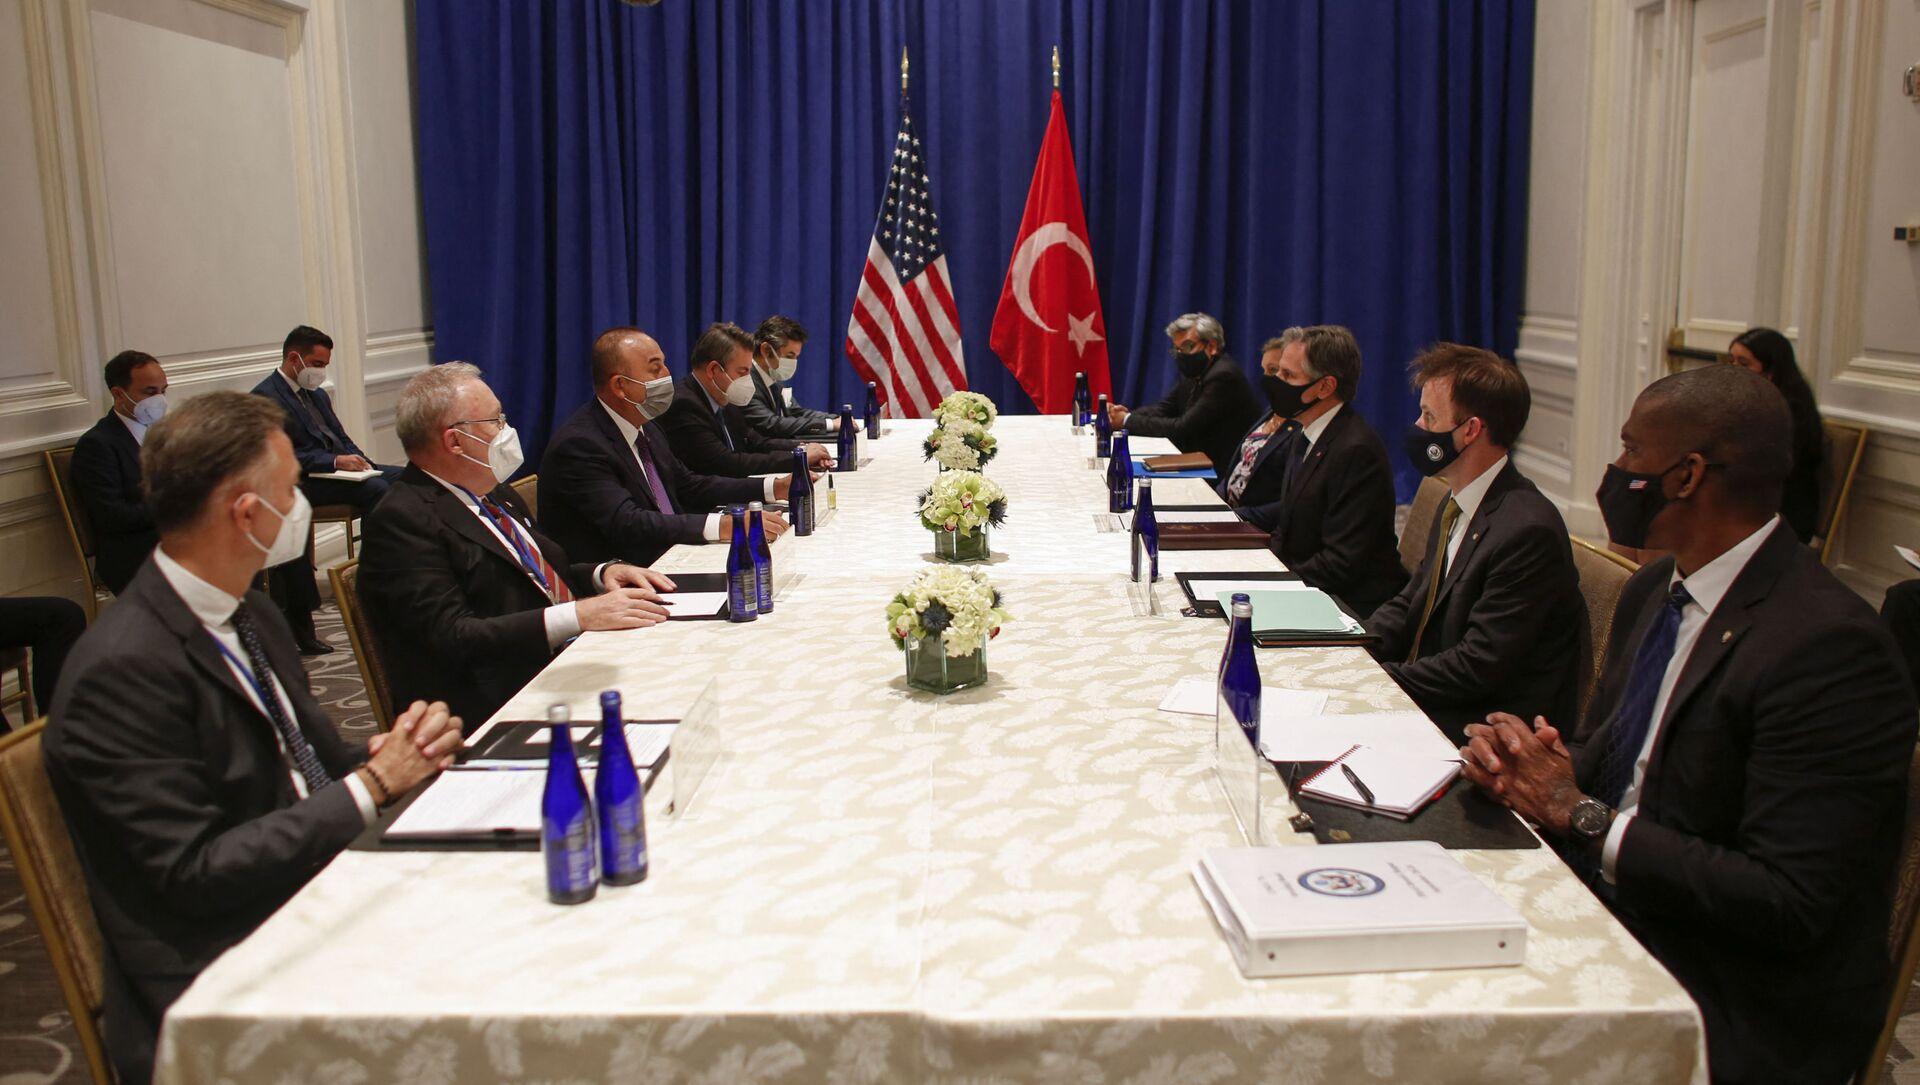 Госсекретарь США Энтони Блинкен (третий справа) и министр иностранных дел Турции Мевлют Чавушоглу во время встречи - Sputnik Azərbaycan, 1920, 22.09.2021